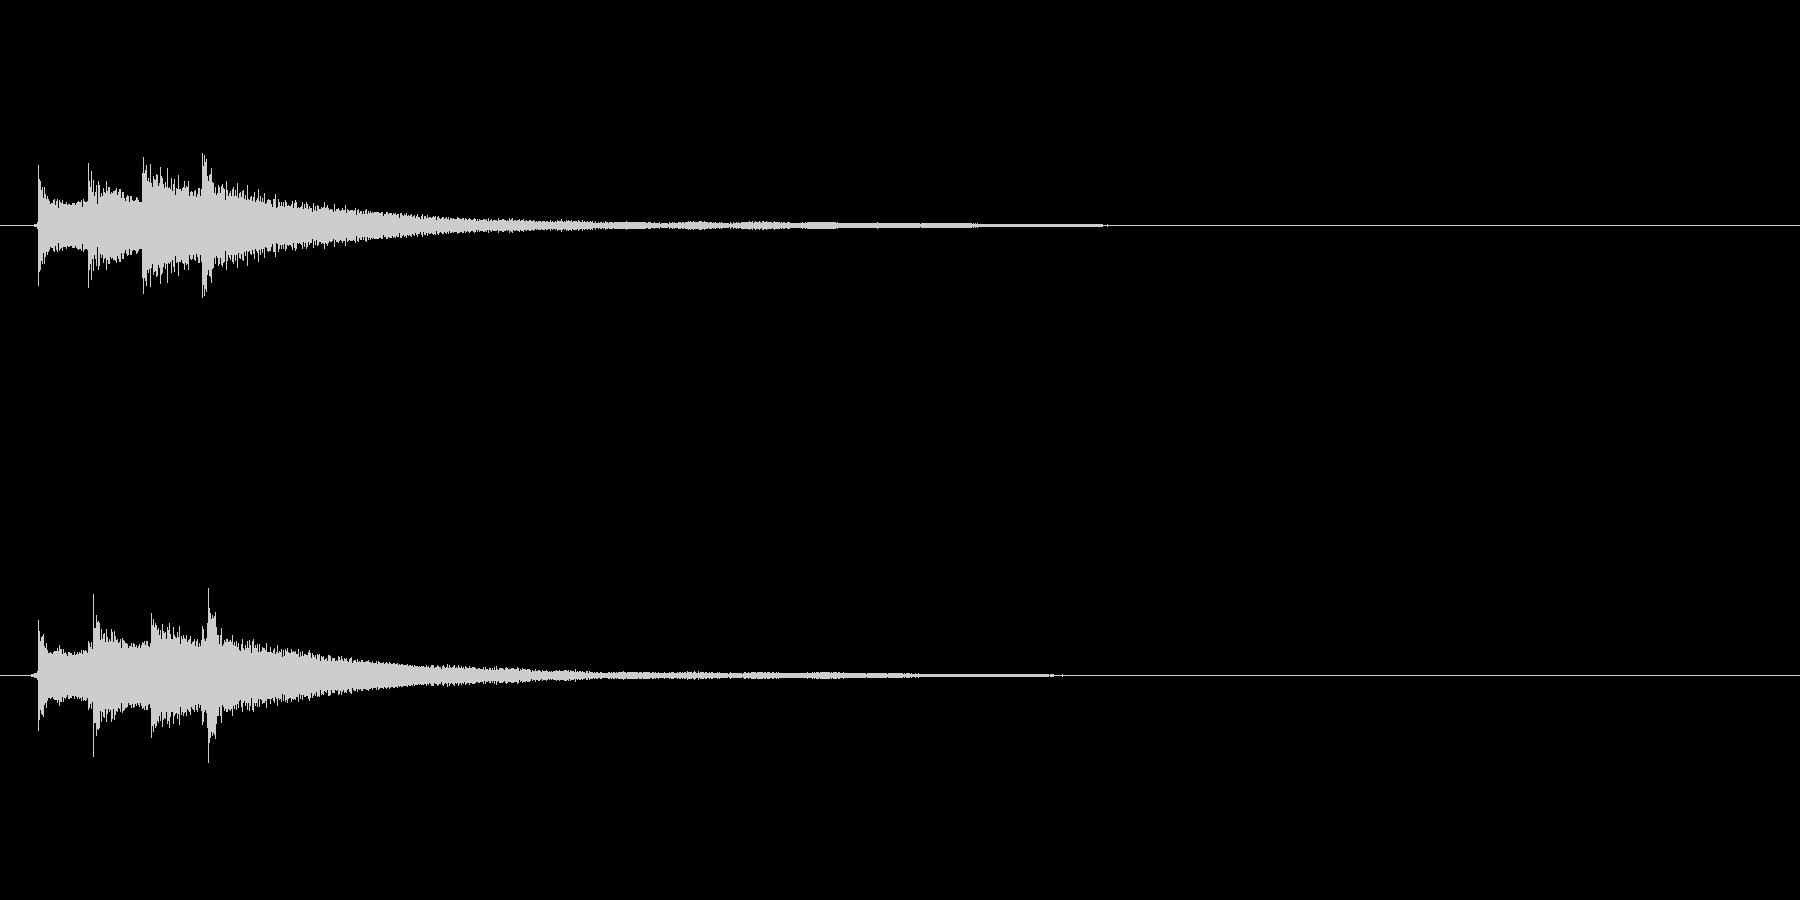 アコギによる爽やかなサウンドロゴの未再生の波形